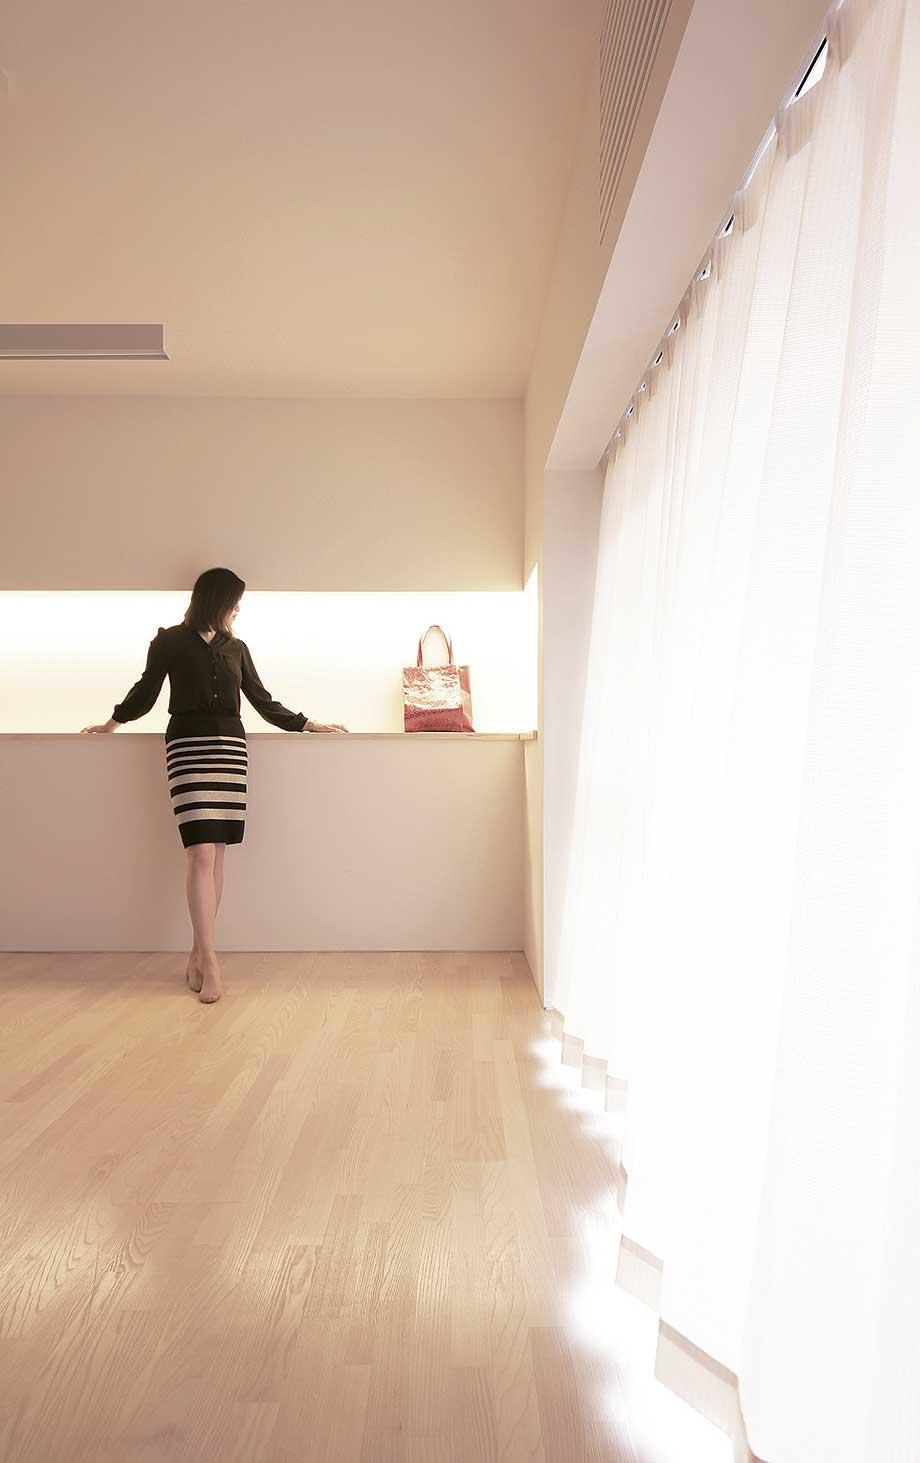 apartamento-abn-jun-murata (5)